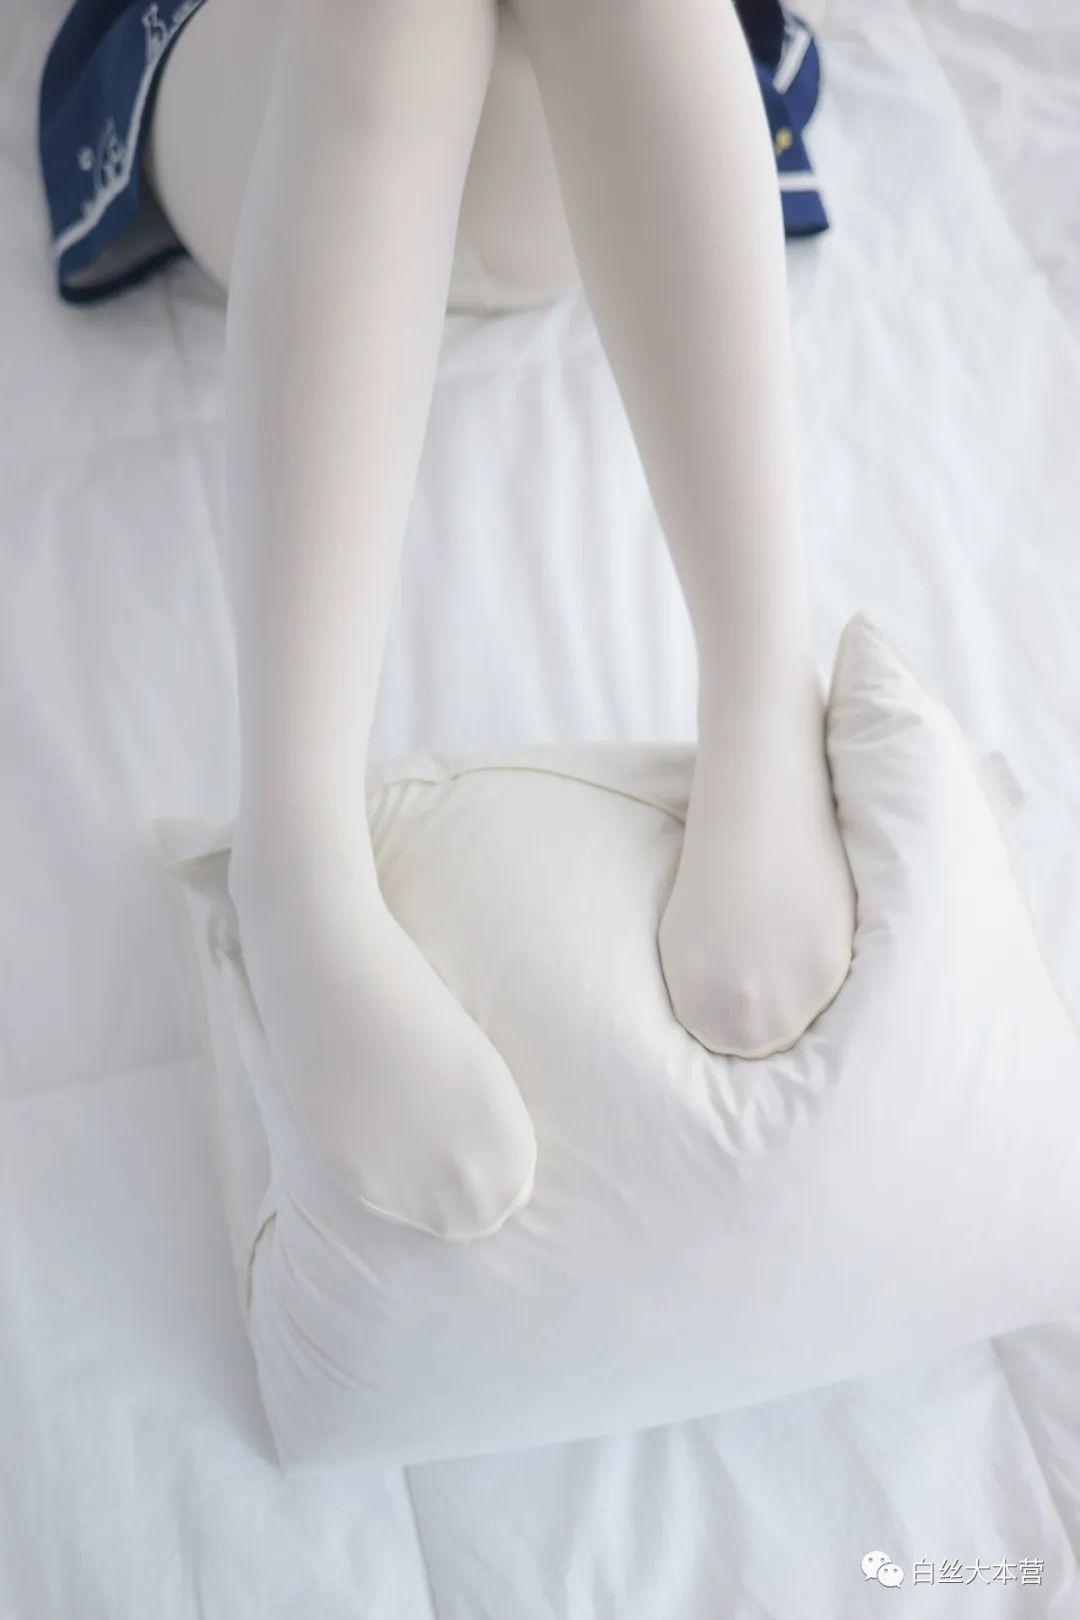 妹子摄影 – 白色丝袜大长腿合集_图片 No.4